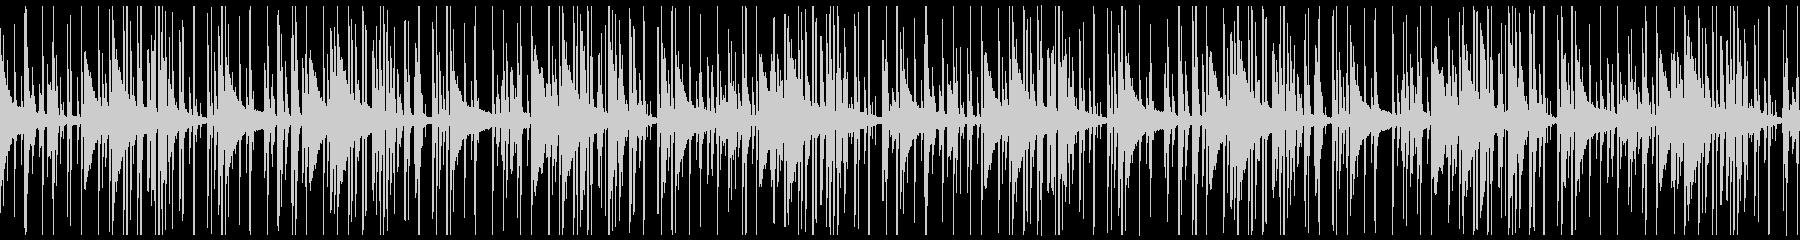 Lo-Fiビート_レトロなピアノループの未再生の波形